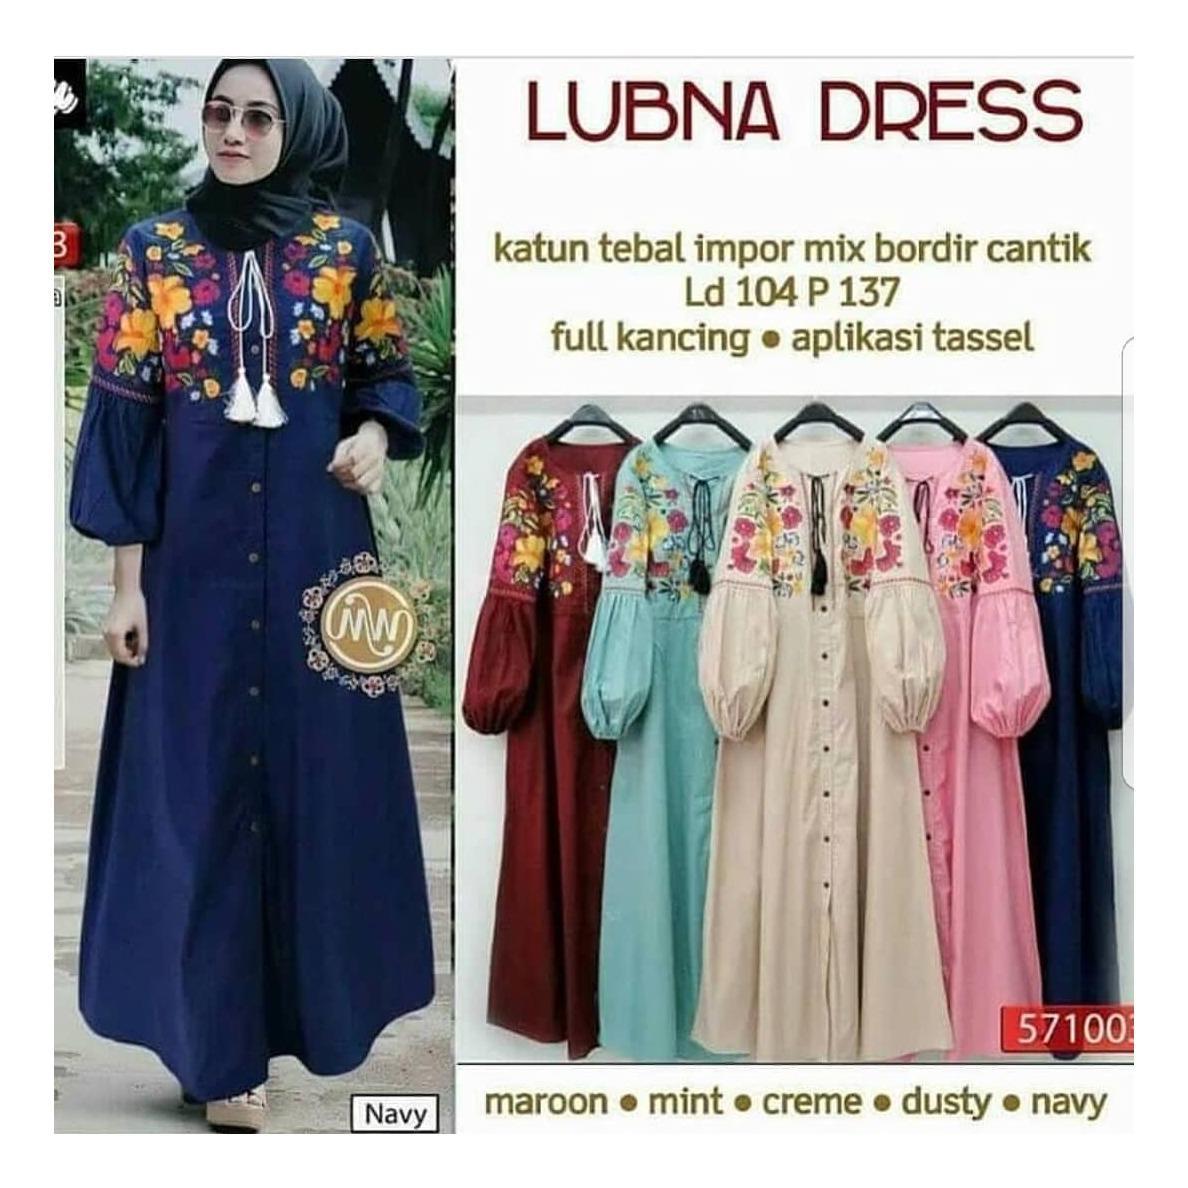 OEM Baju Original Lubna Dress Katun Gamis Panjang Wanita Muslim Pakaian Cewek Gaun Muslimah Hijab Casual Simple